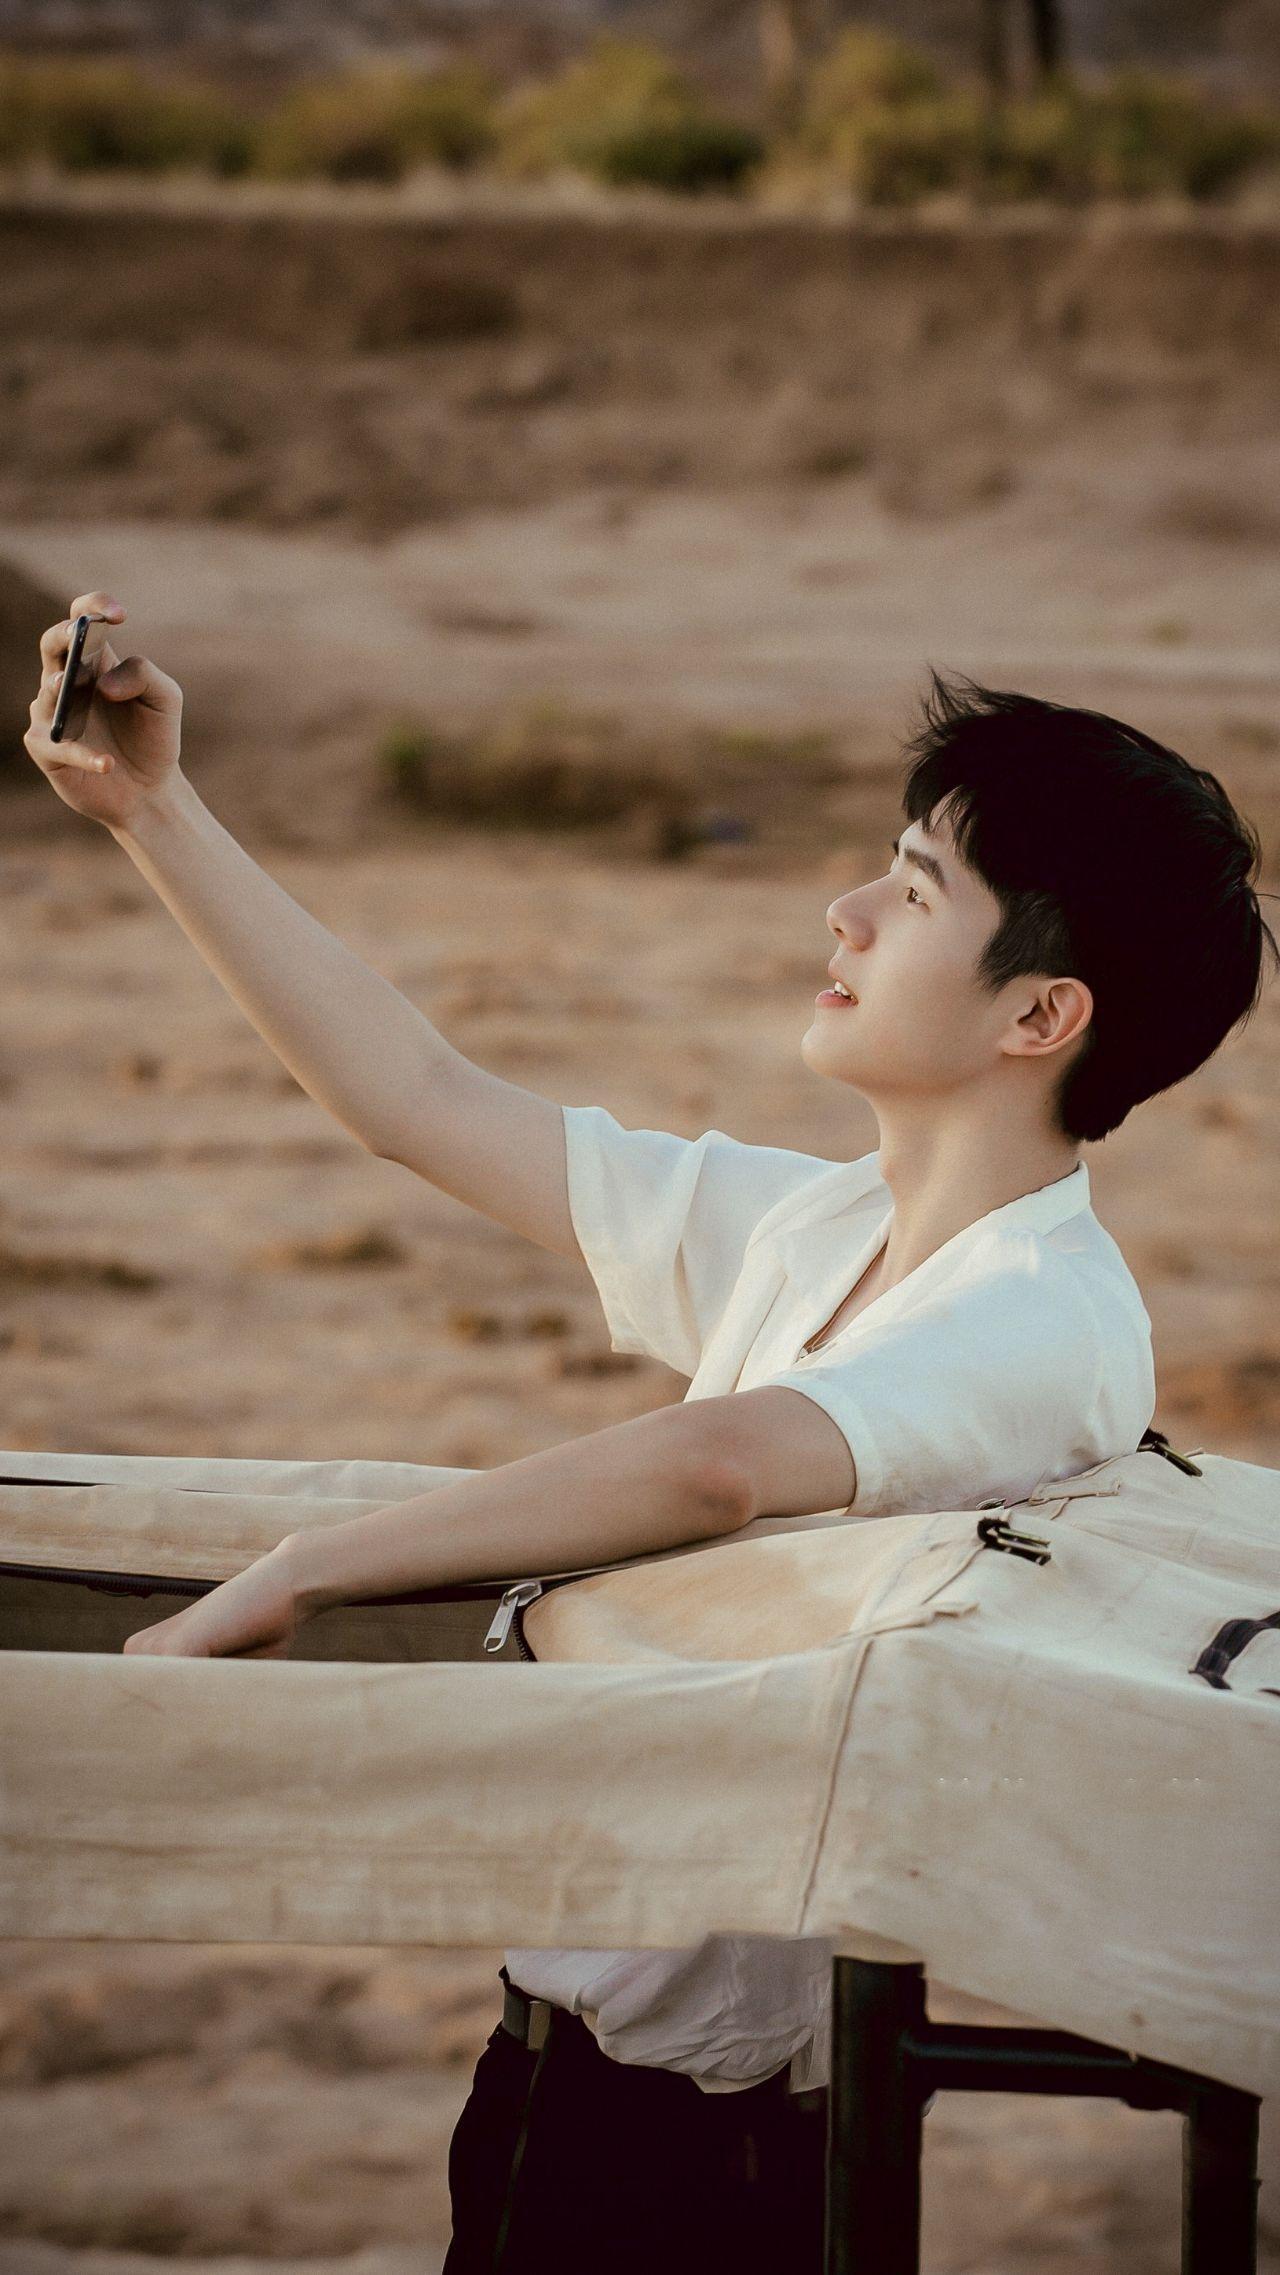 刘昊然最好看的照片有哪些?